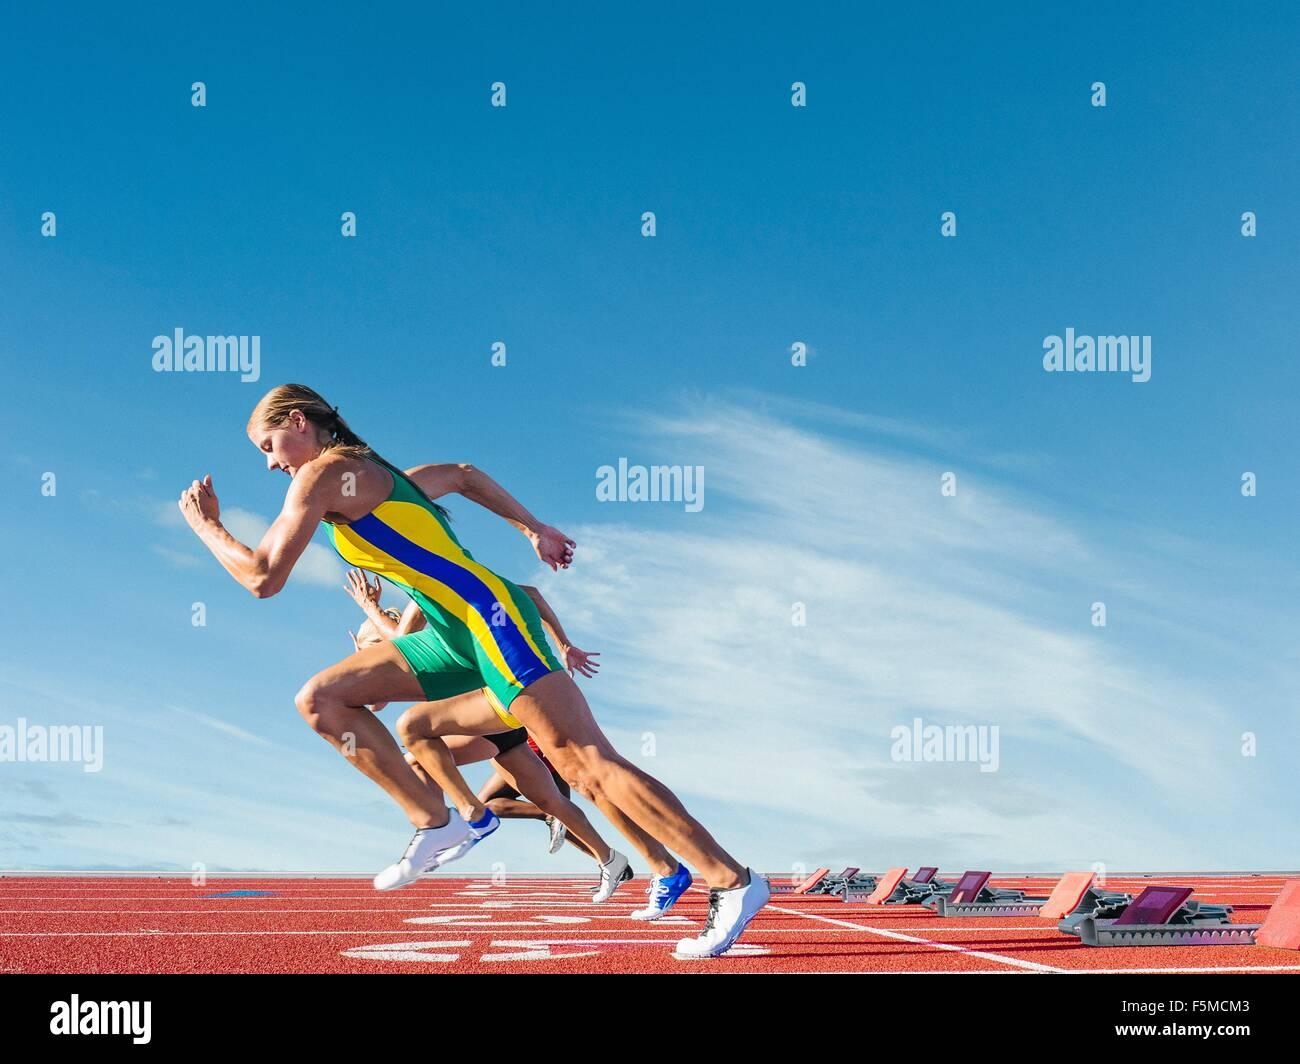 Drei weibliche Athleten auf Leichtathletikbahn, racing Stockbild